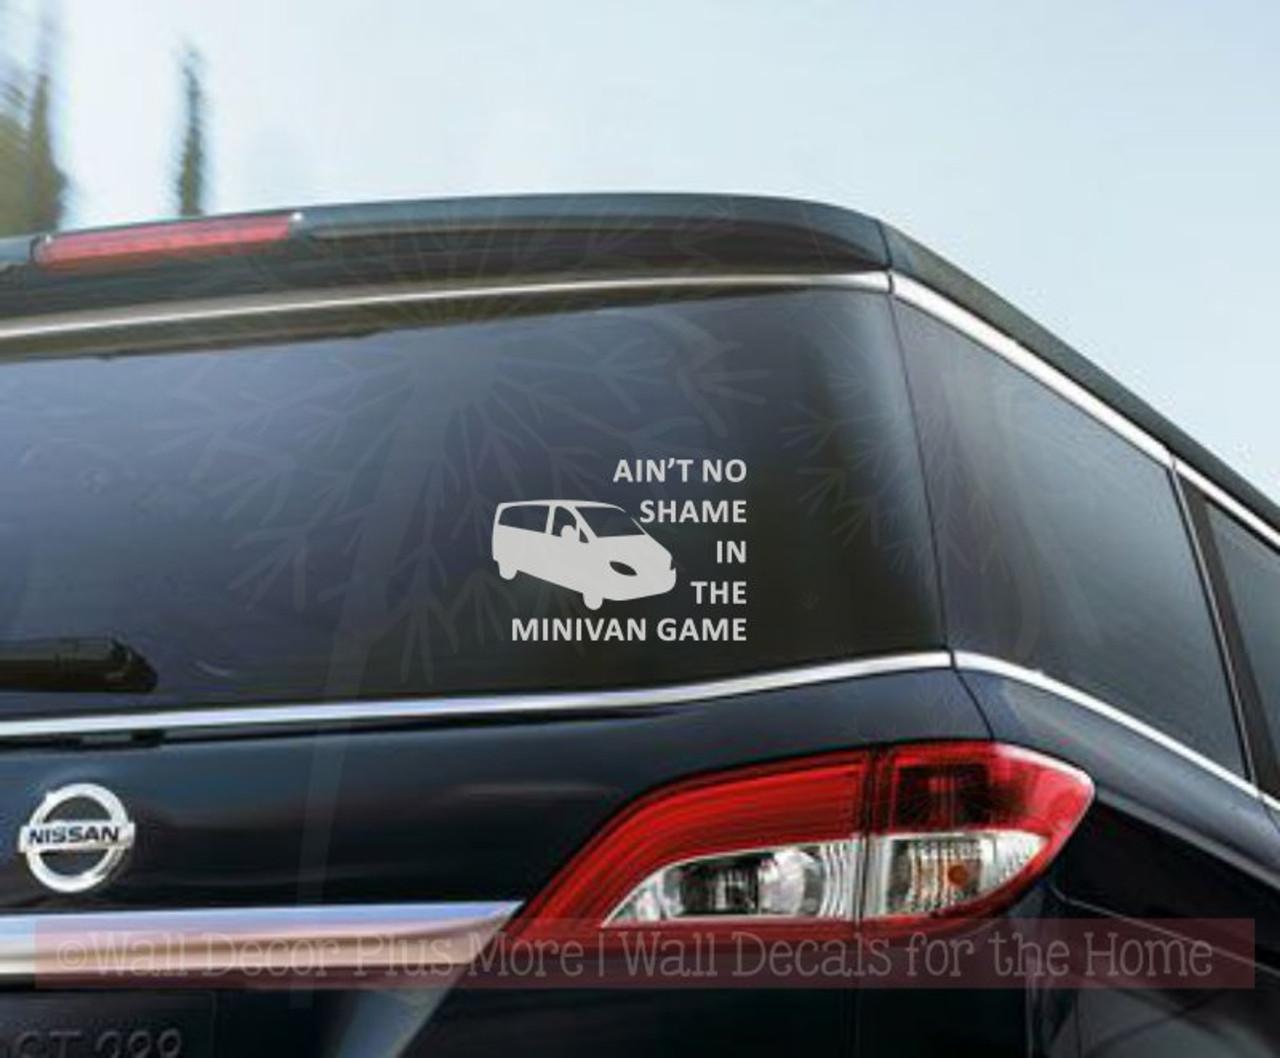 Aint No Shame Minivan Game Vinyl Car Decals Window Sticker ...